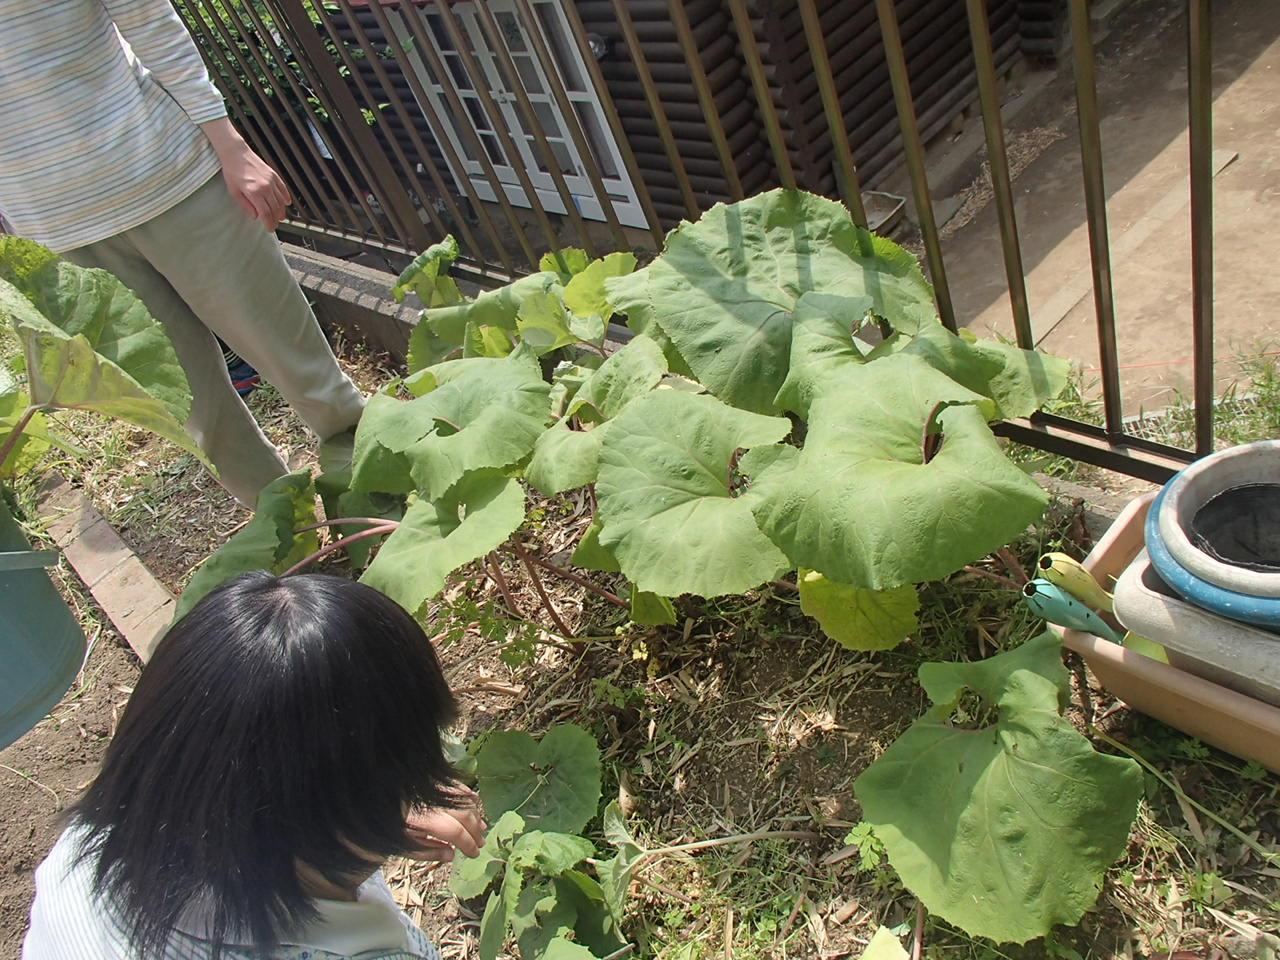 0501フキ収穫・調理 004.JPG